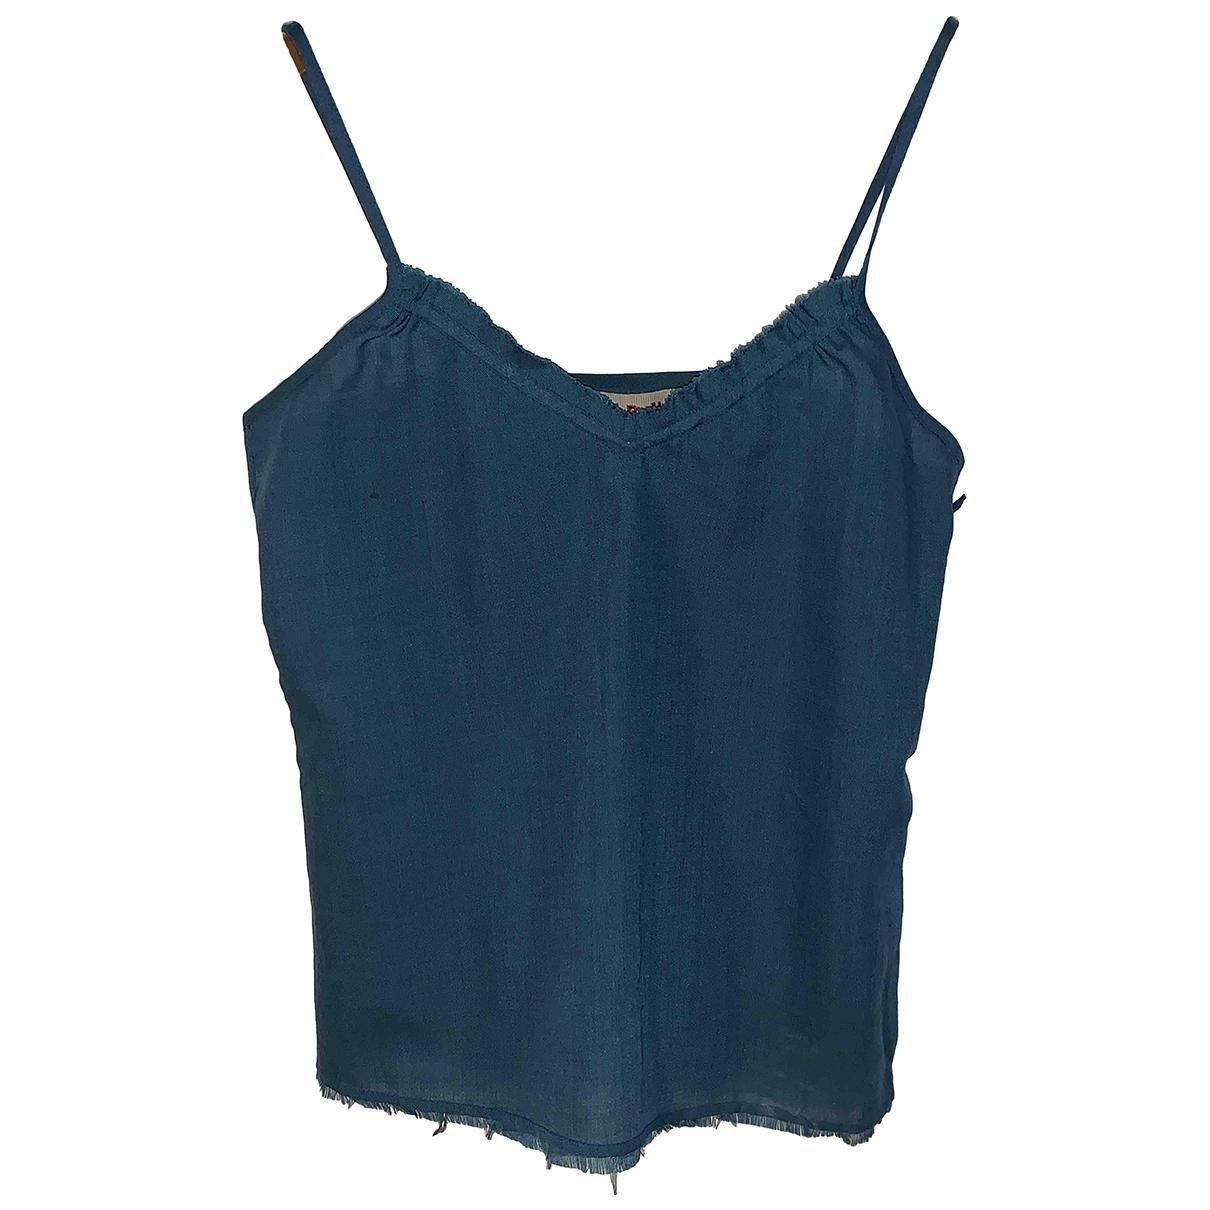 Marni - Top   pour femme en laine - turquoise